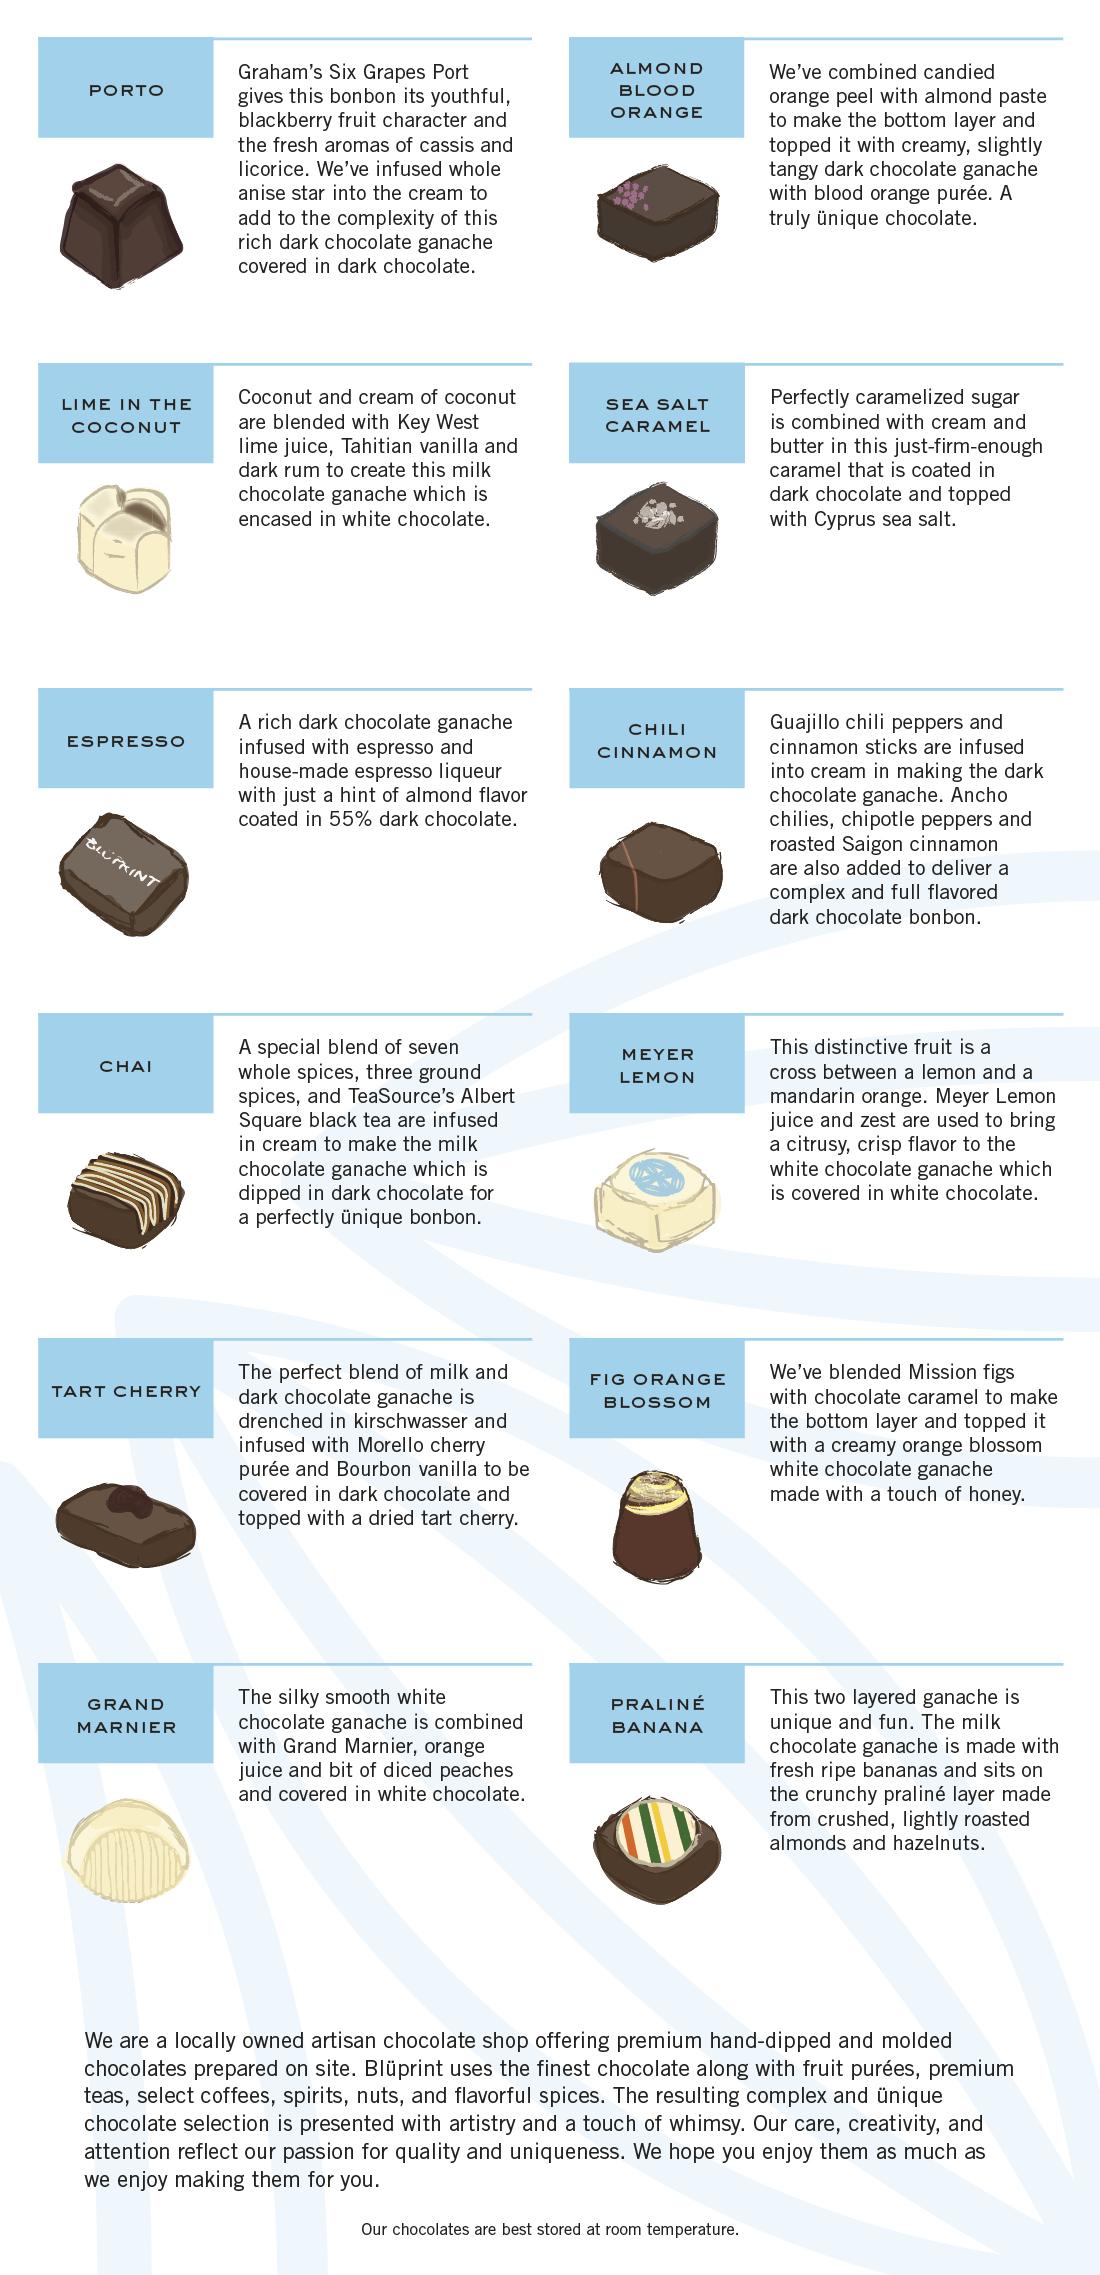 012418_BPC Box Flavor Guide_Web2.jpg